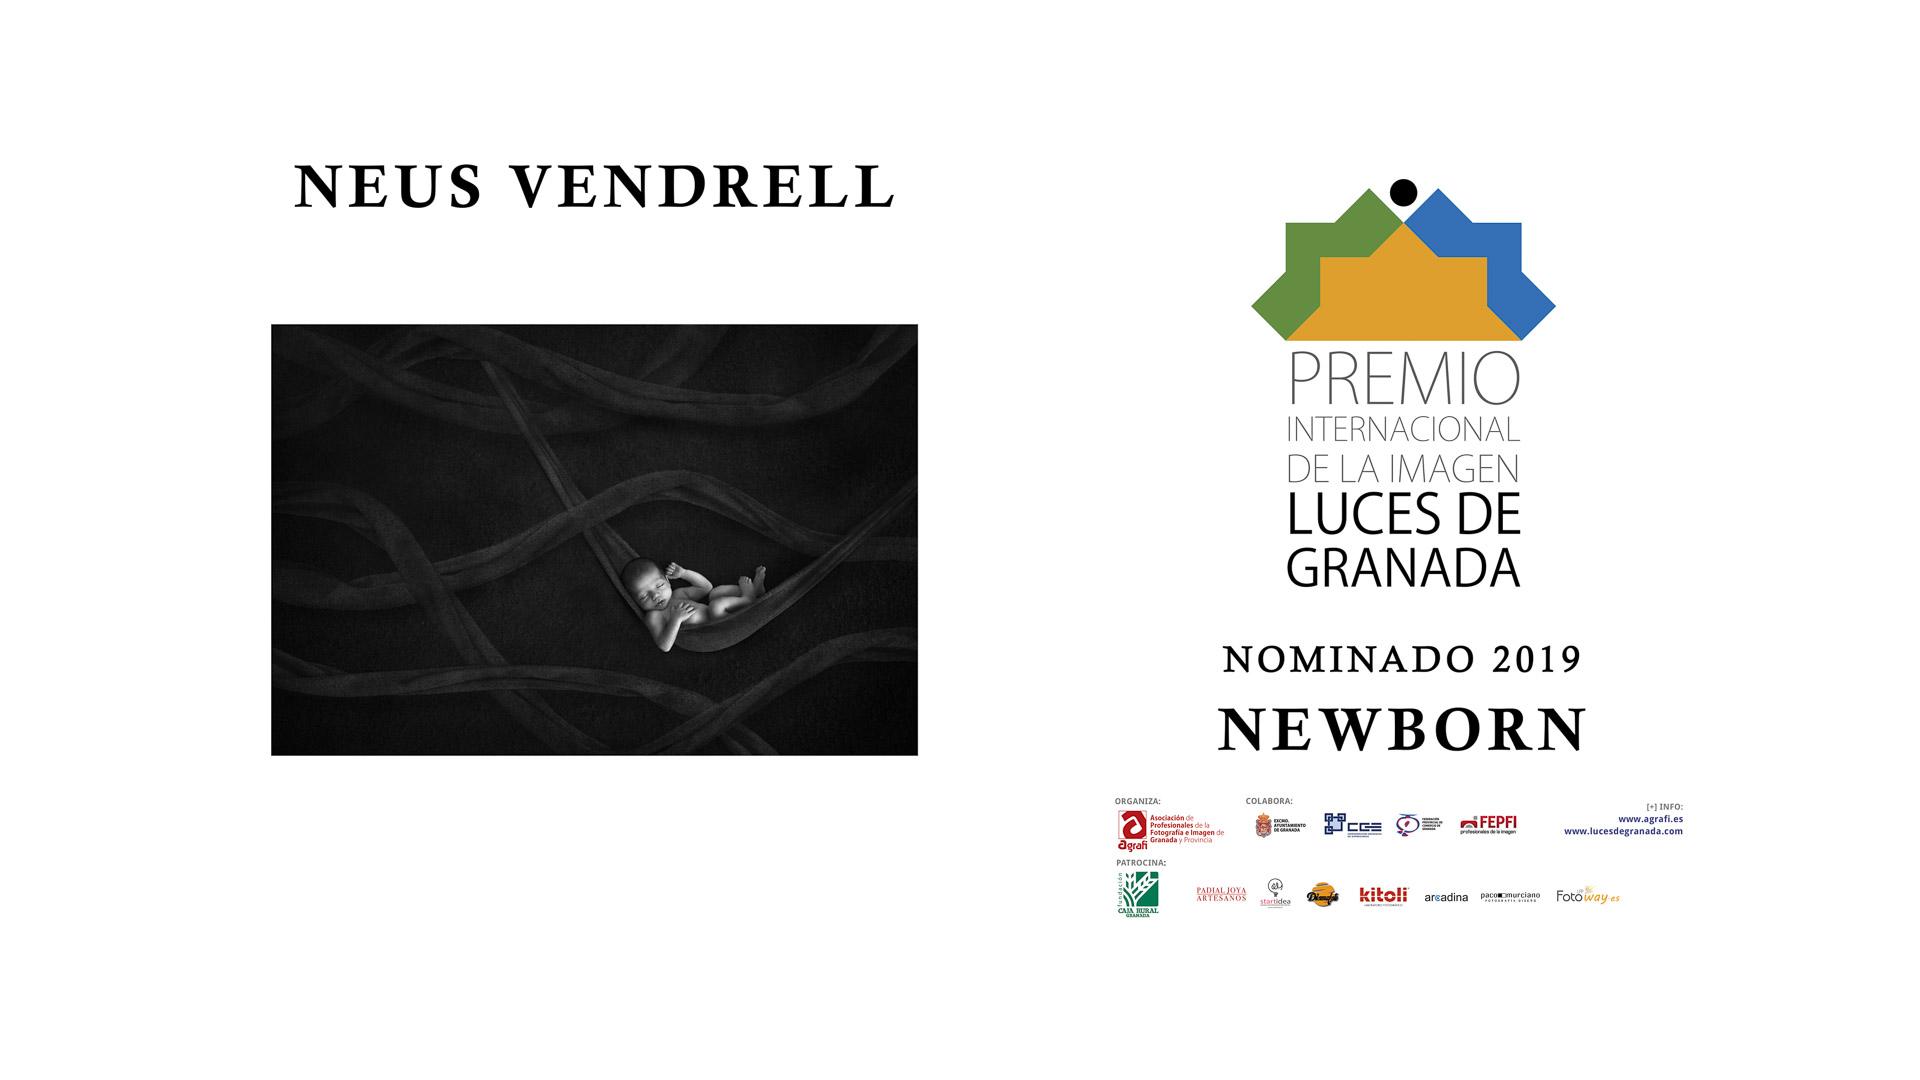 NB11_NEUS VENDRELL